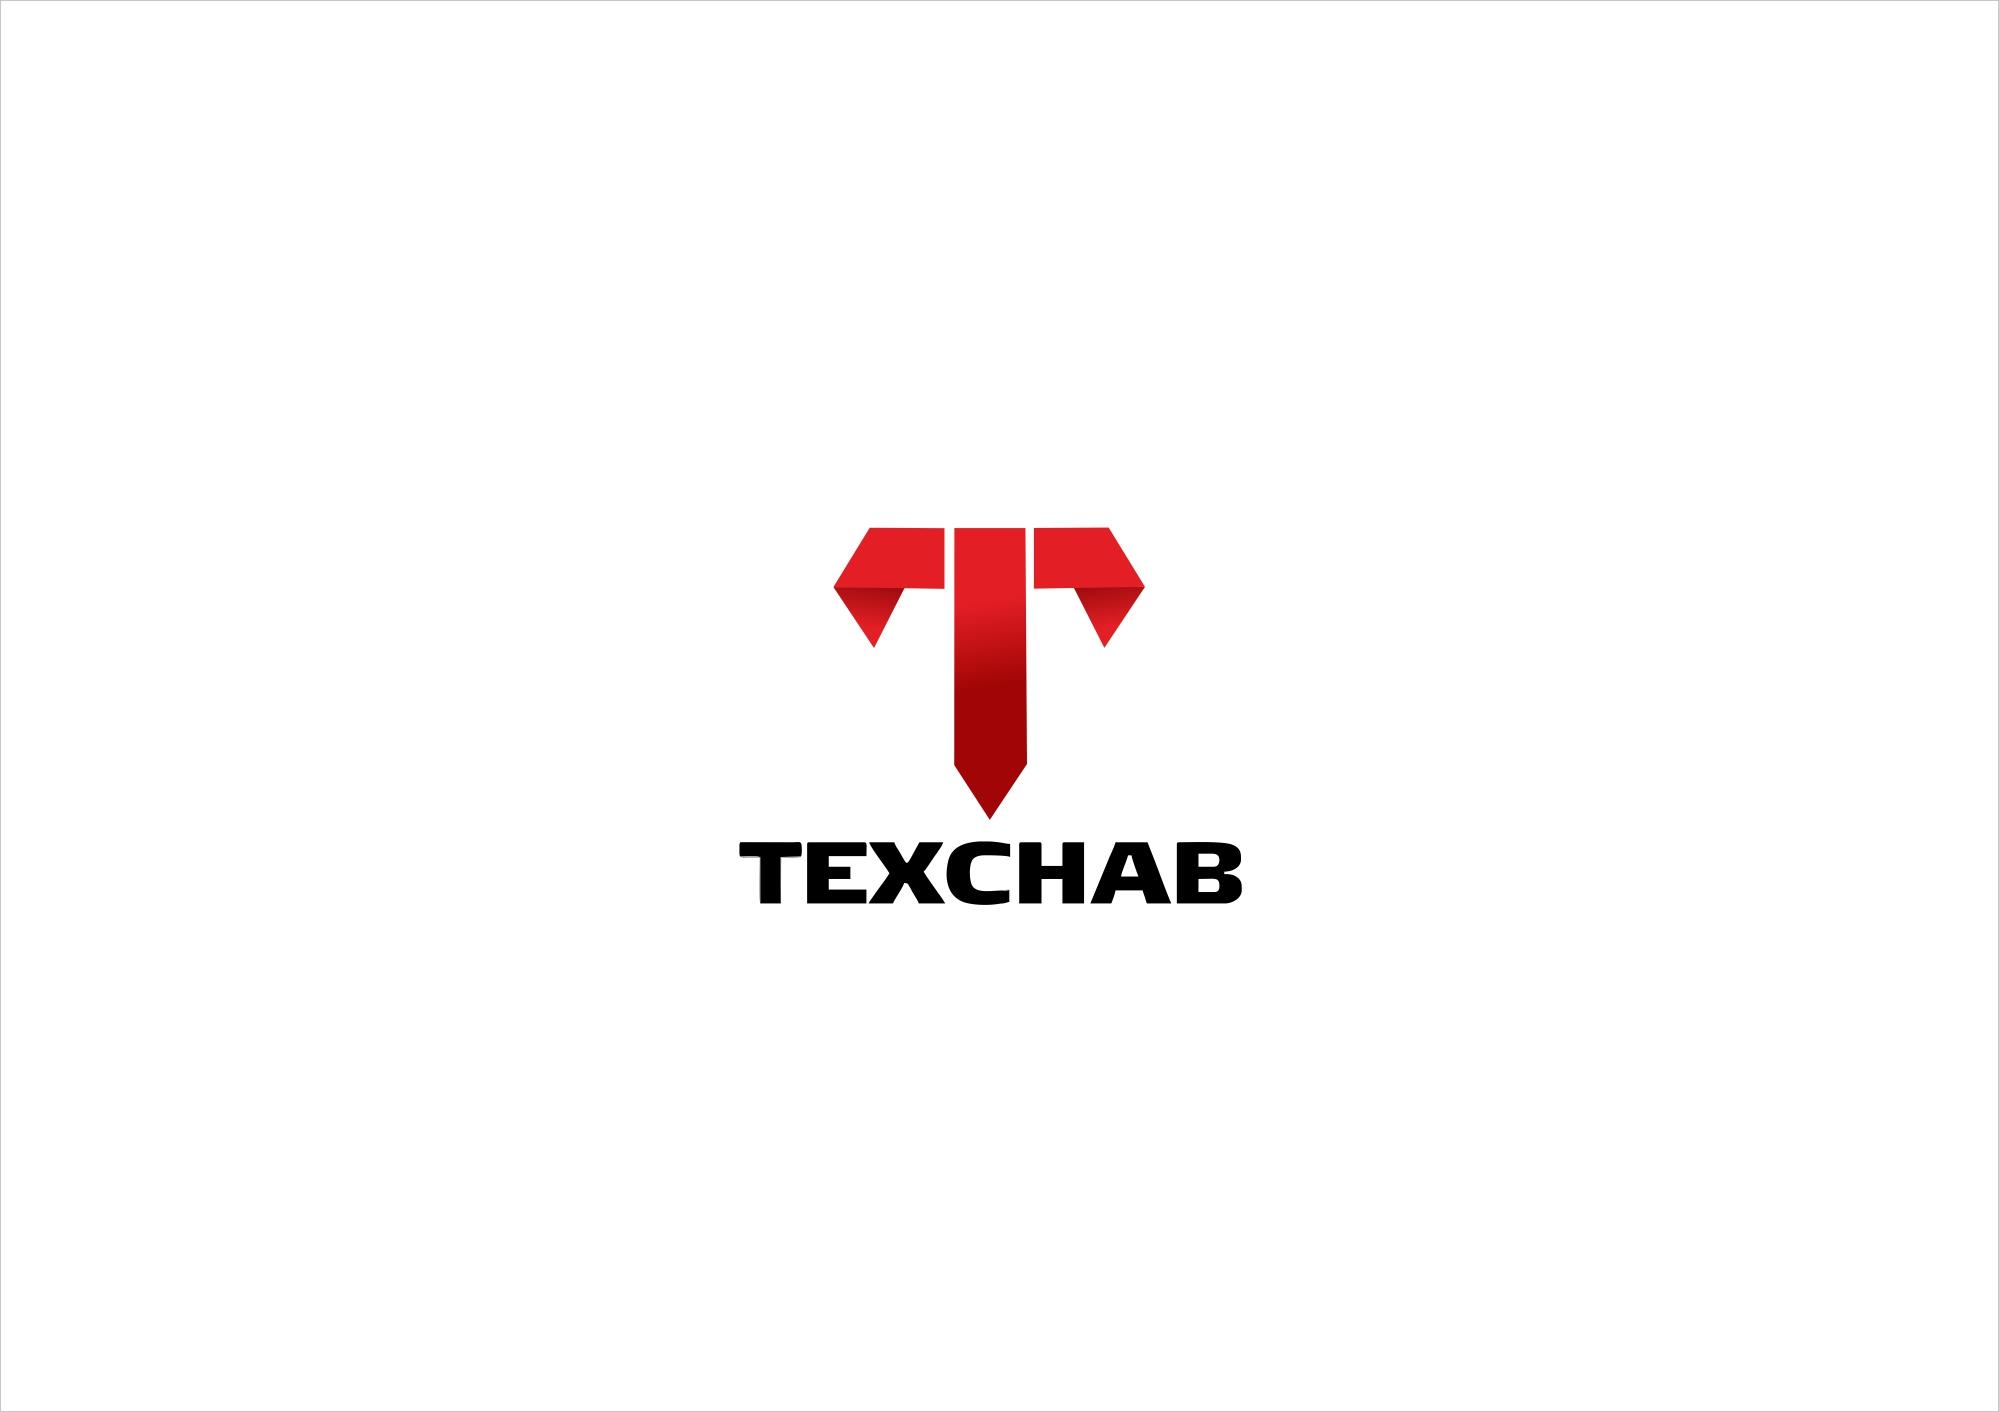 Разработка логотипа и фирм. стиля компании  ТЕХСНАБ фото f_8125b21b895eeb62.jpg